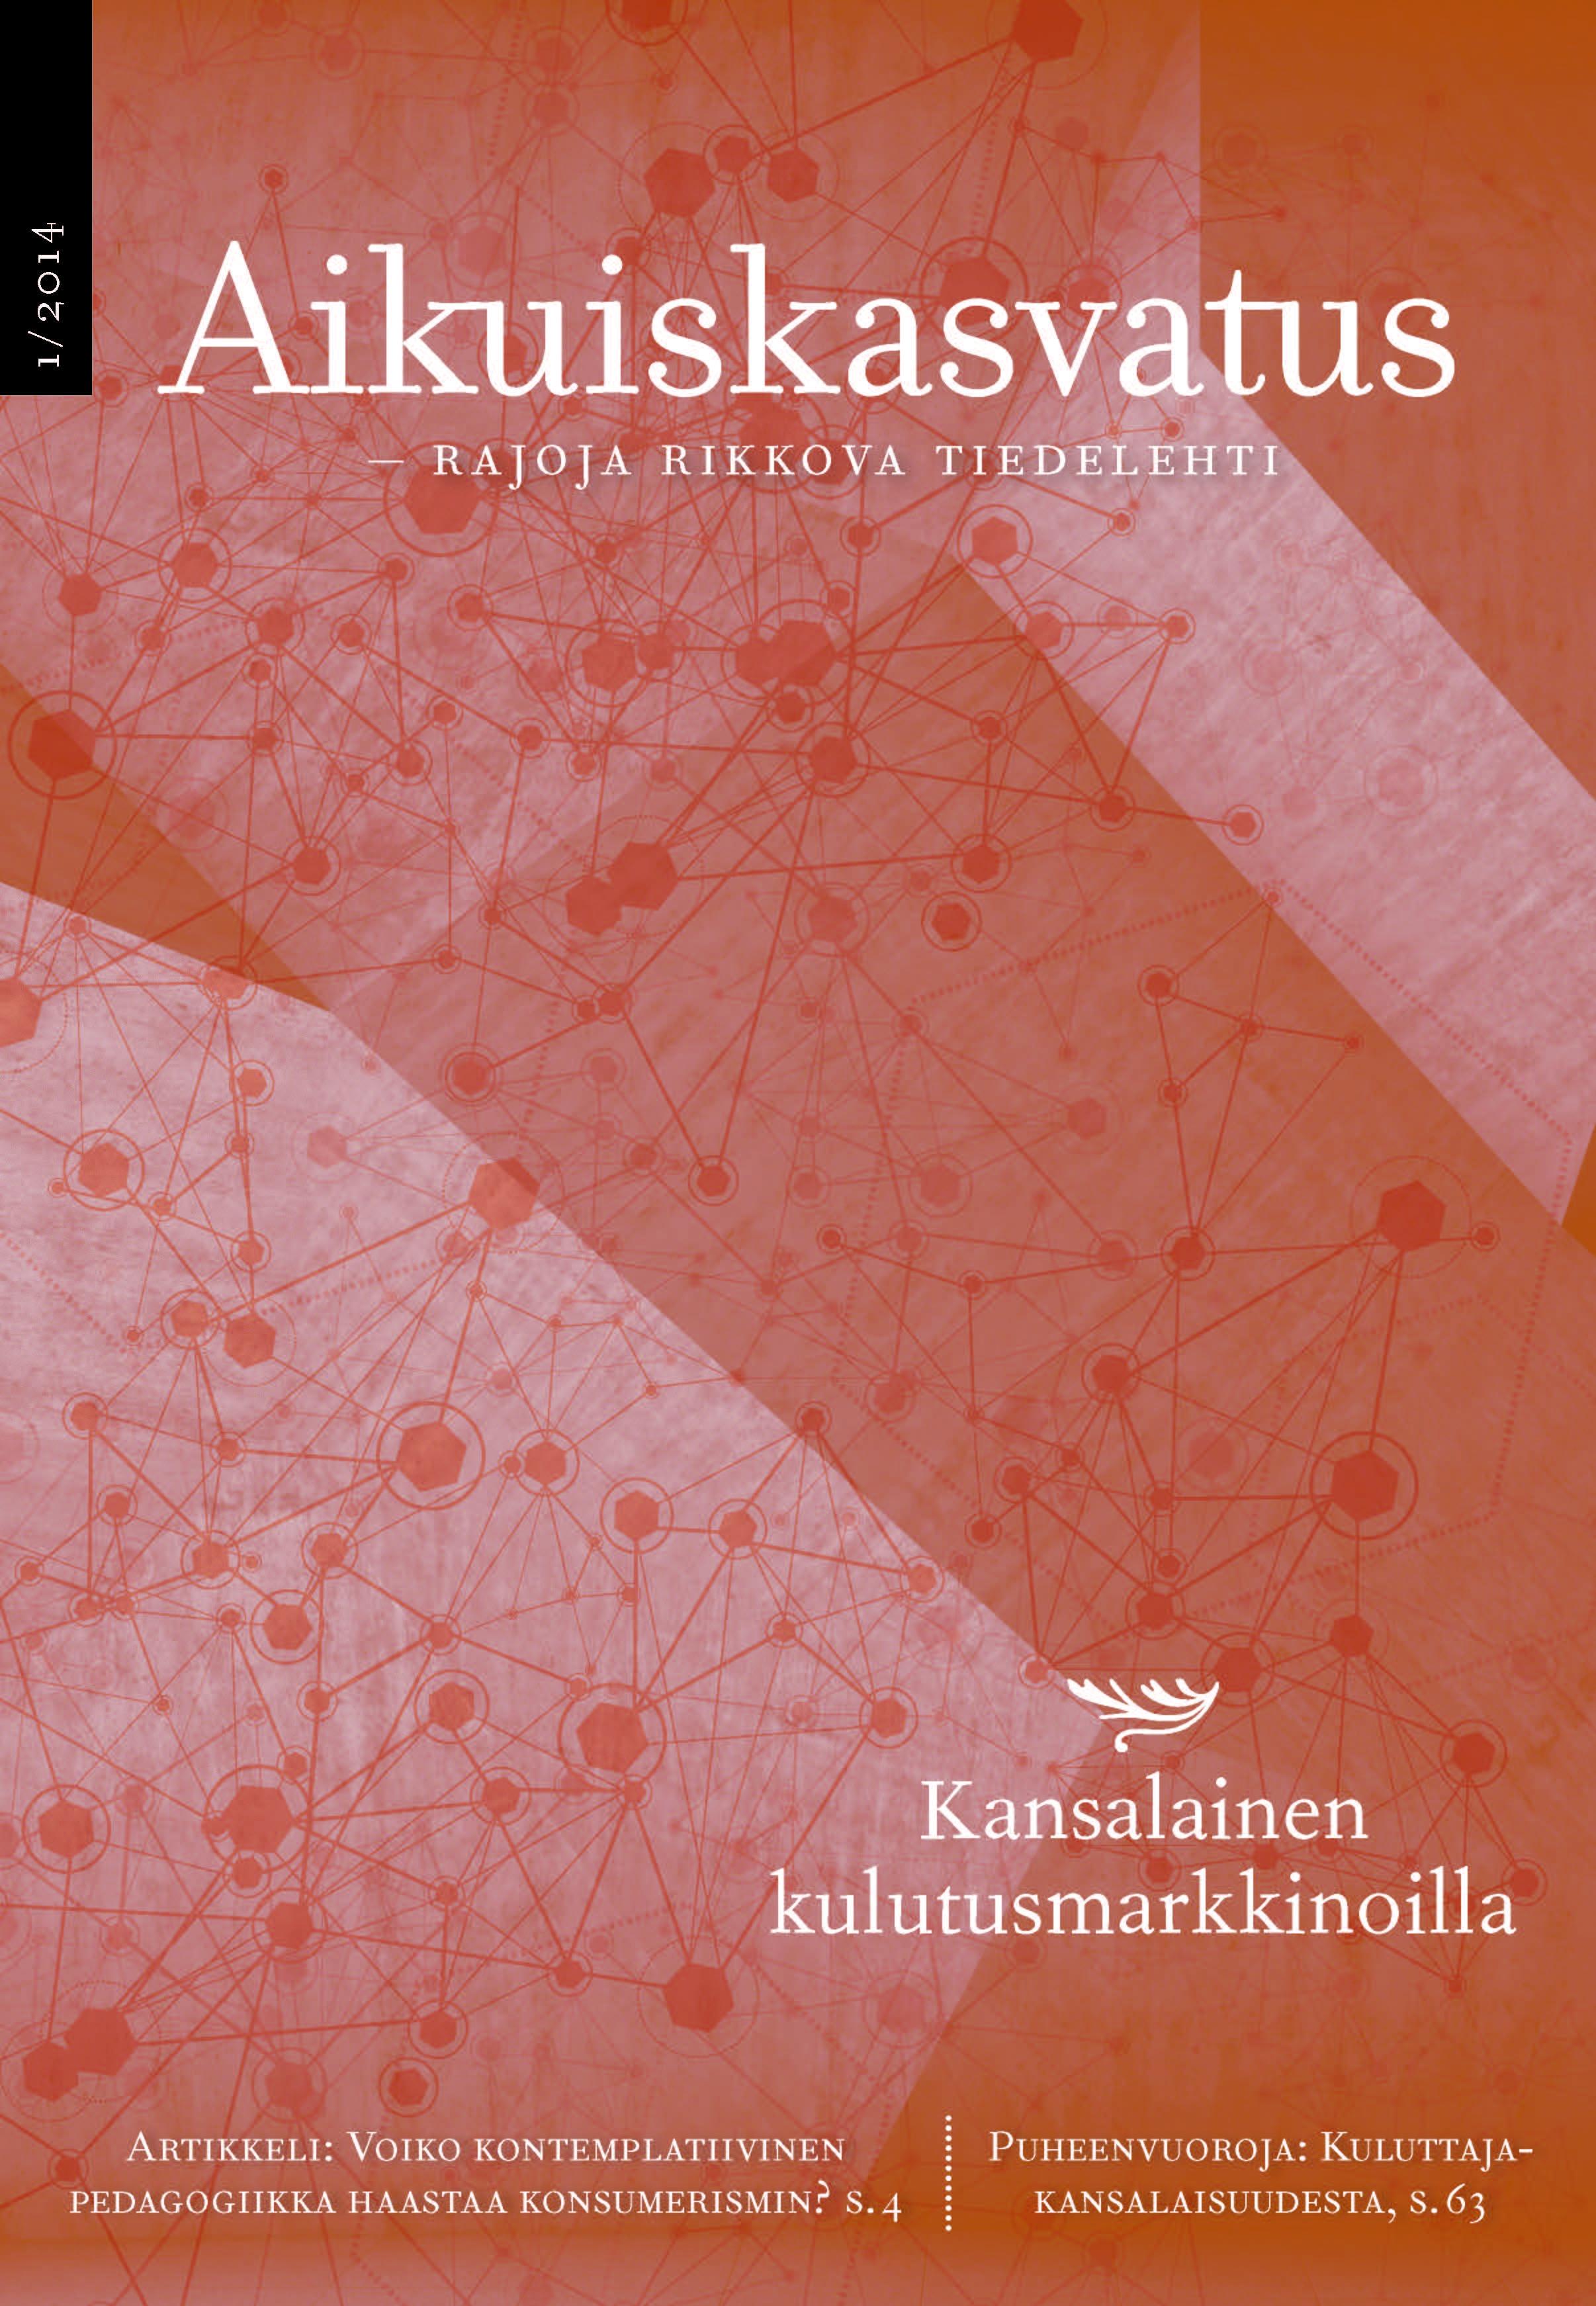 Näytä Vol 34 Nro 1 (2014): Aikuiskasvatus 1/2014: Kansalainen kulutusmarkkinoilla